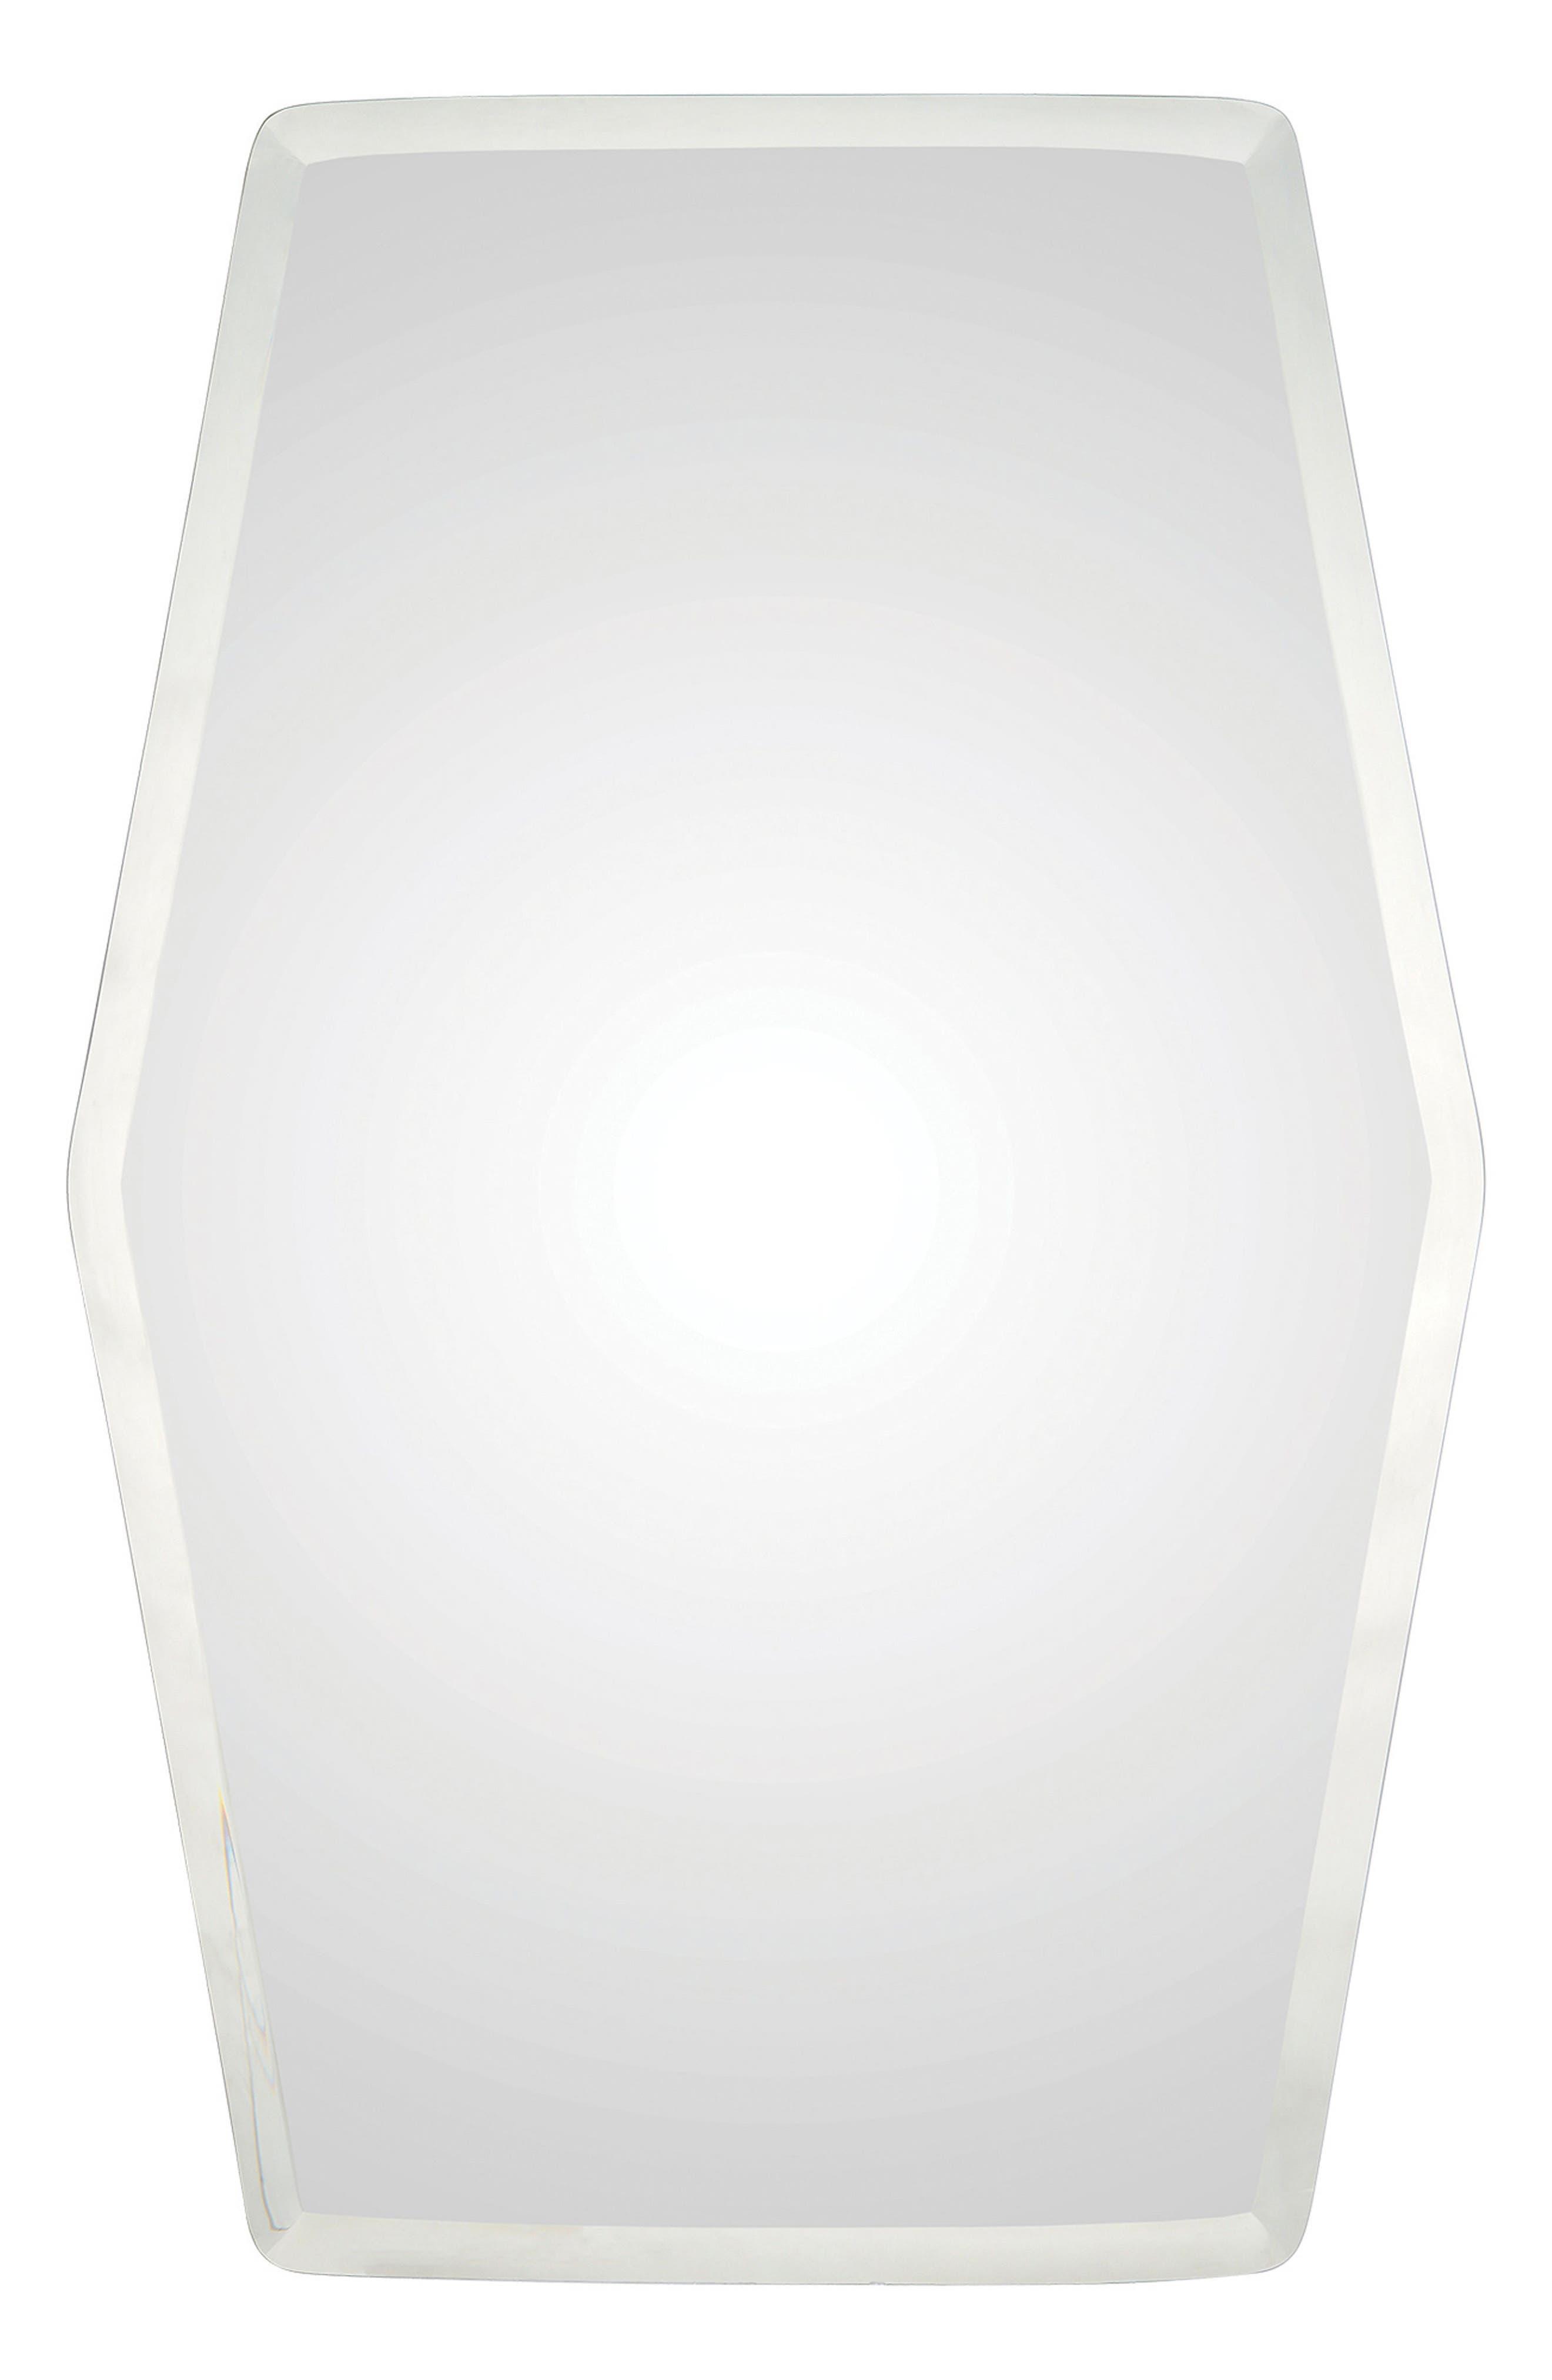 Alternate Image 1 Selected - Renwil Tel Aviv Mirror